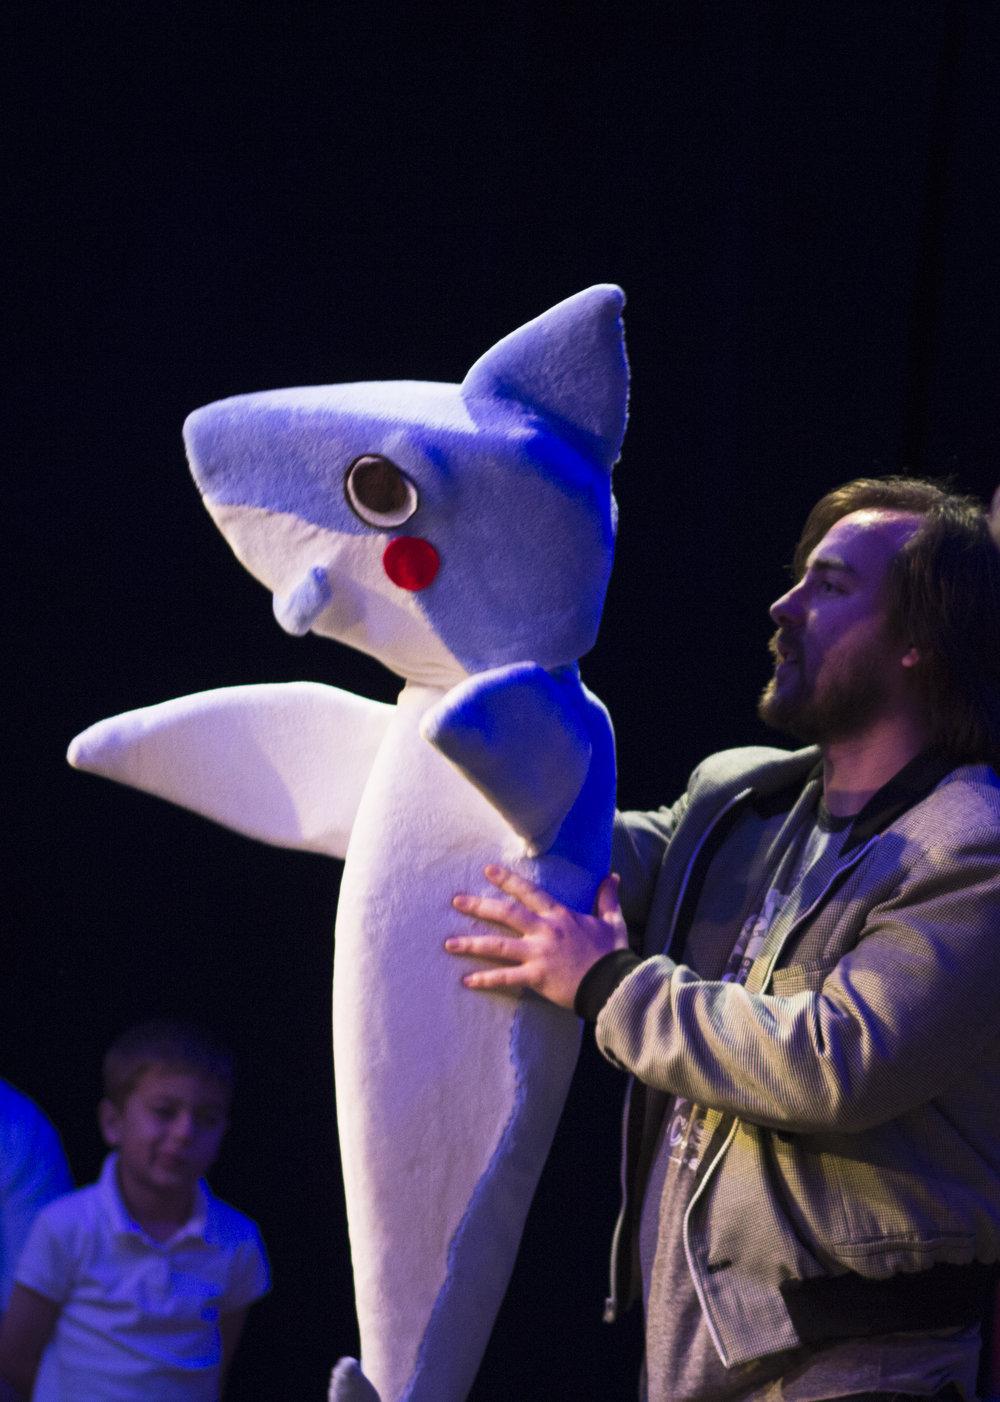 Austin Zumbro as Shades with Sharky!